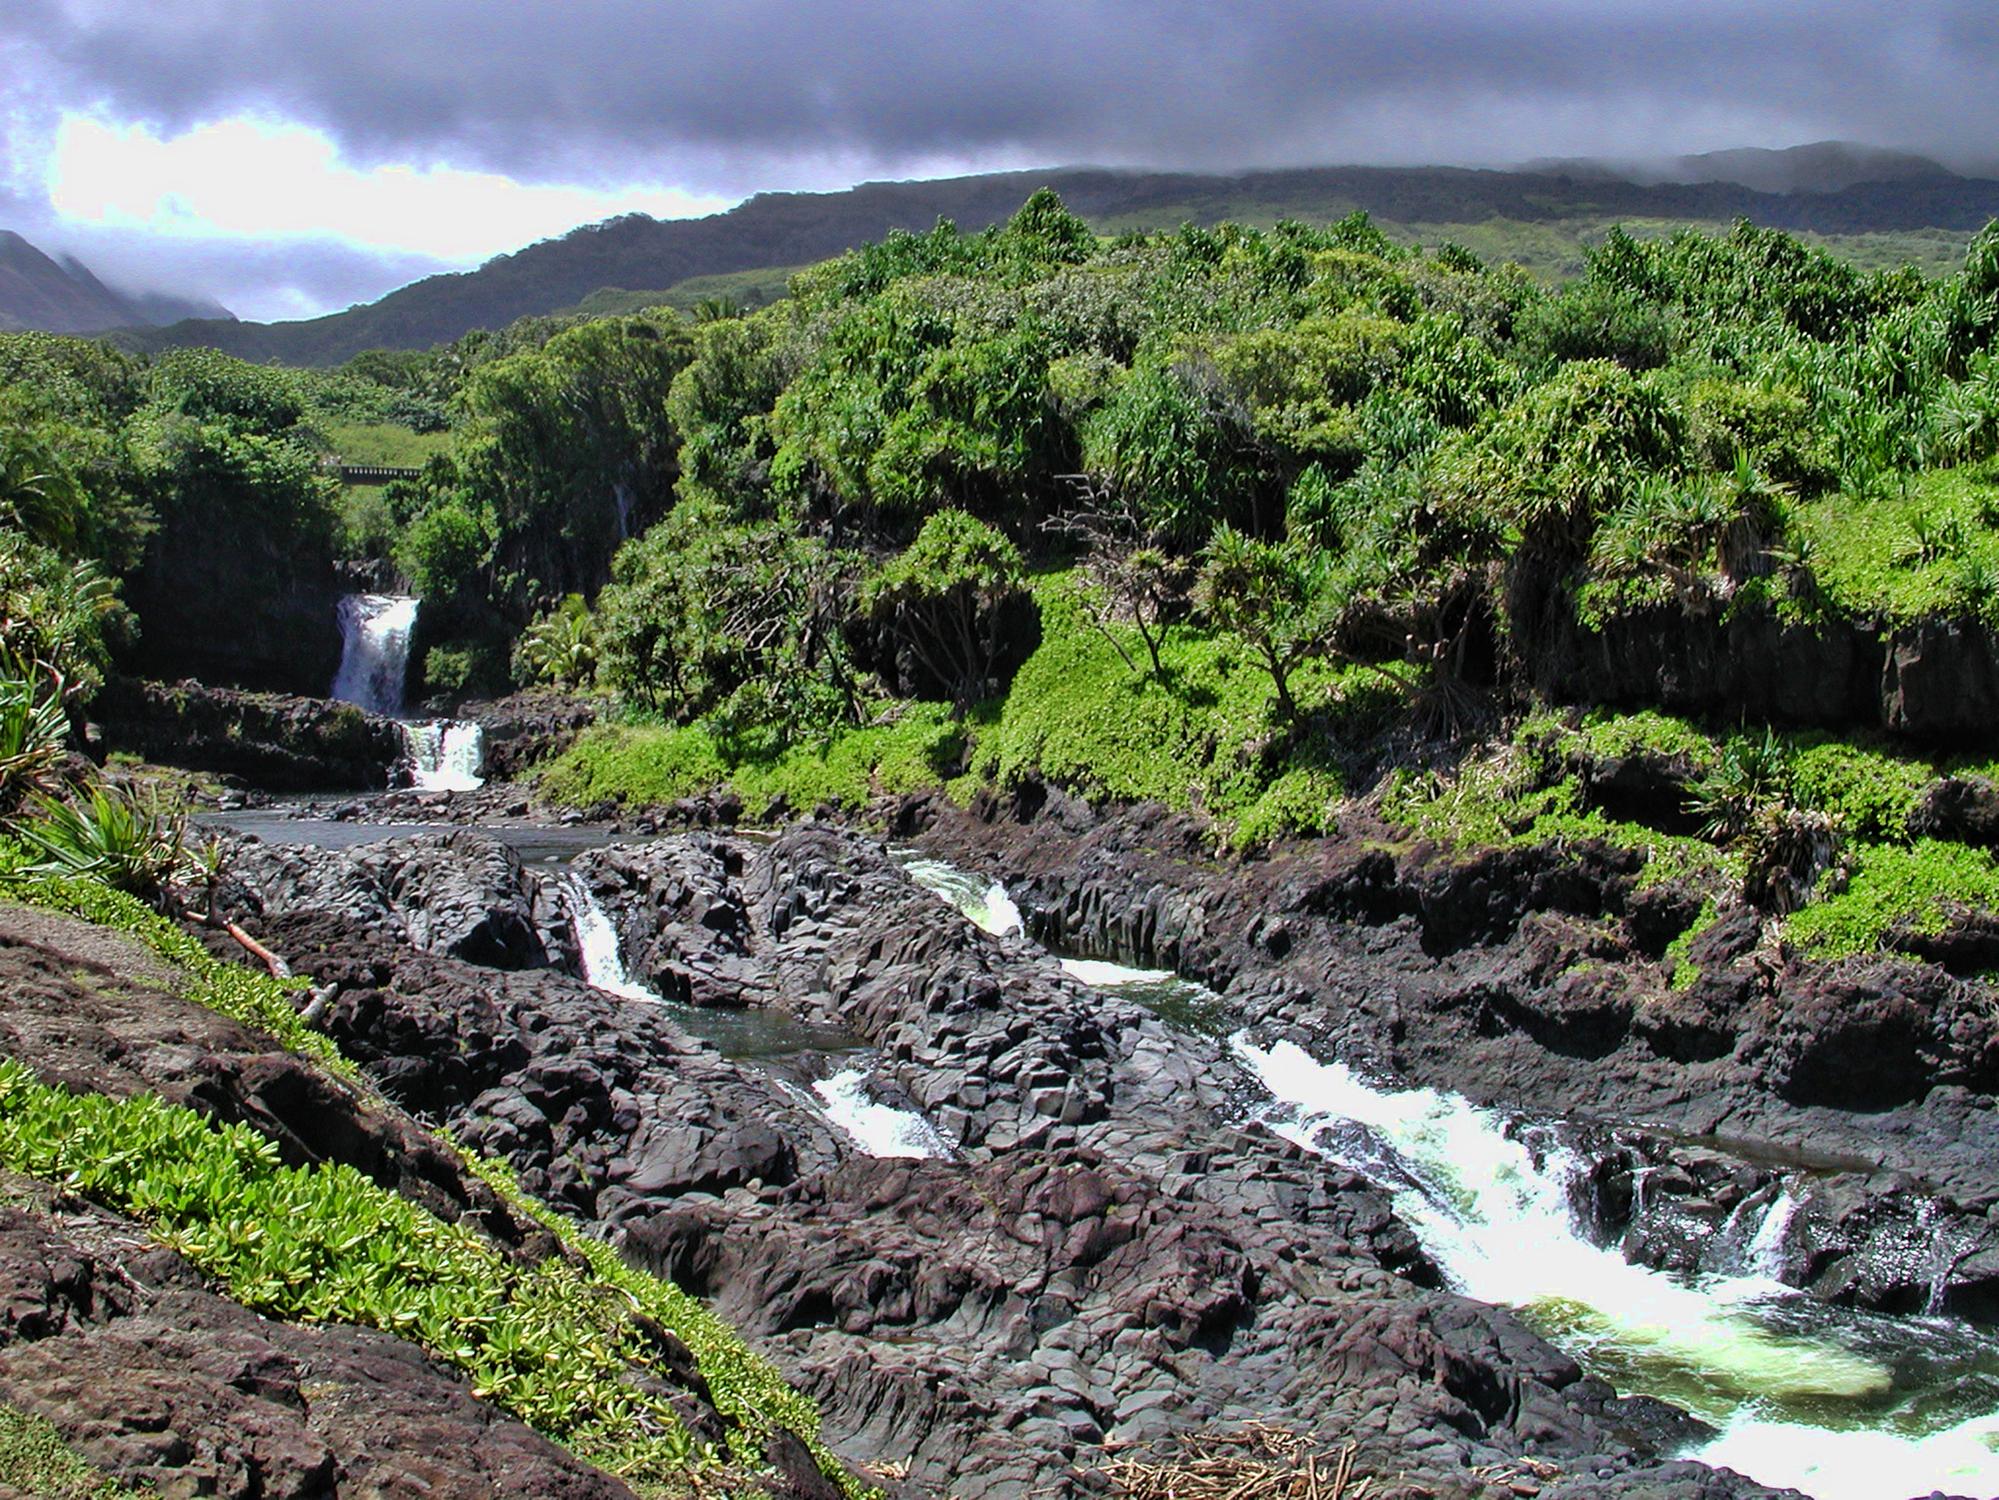 Hawaii, Ohe'o Gulch,haleakalā National Park, Maui